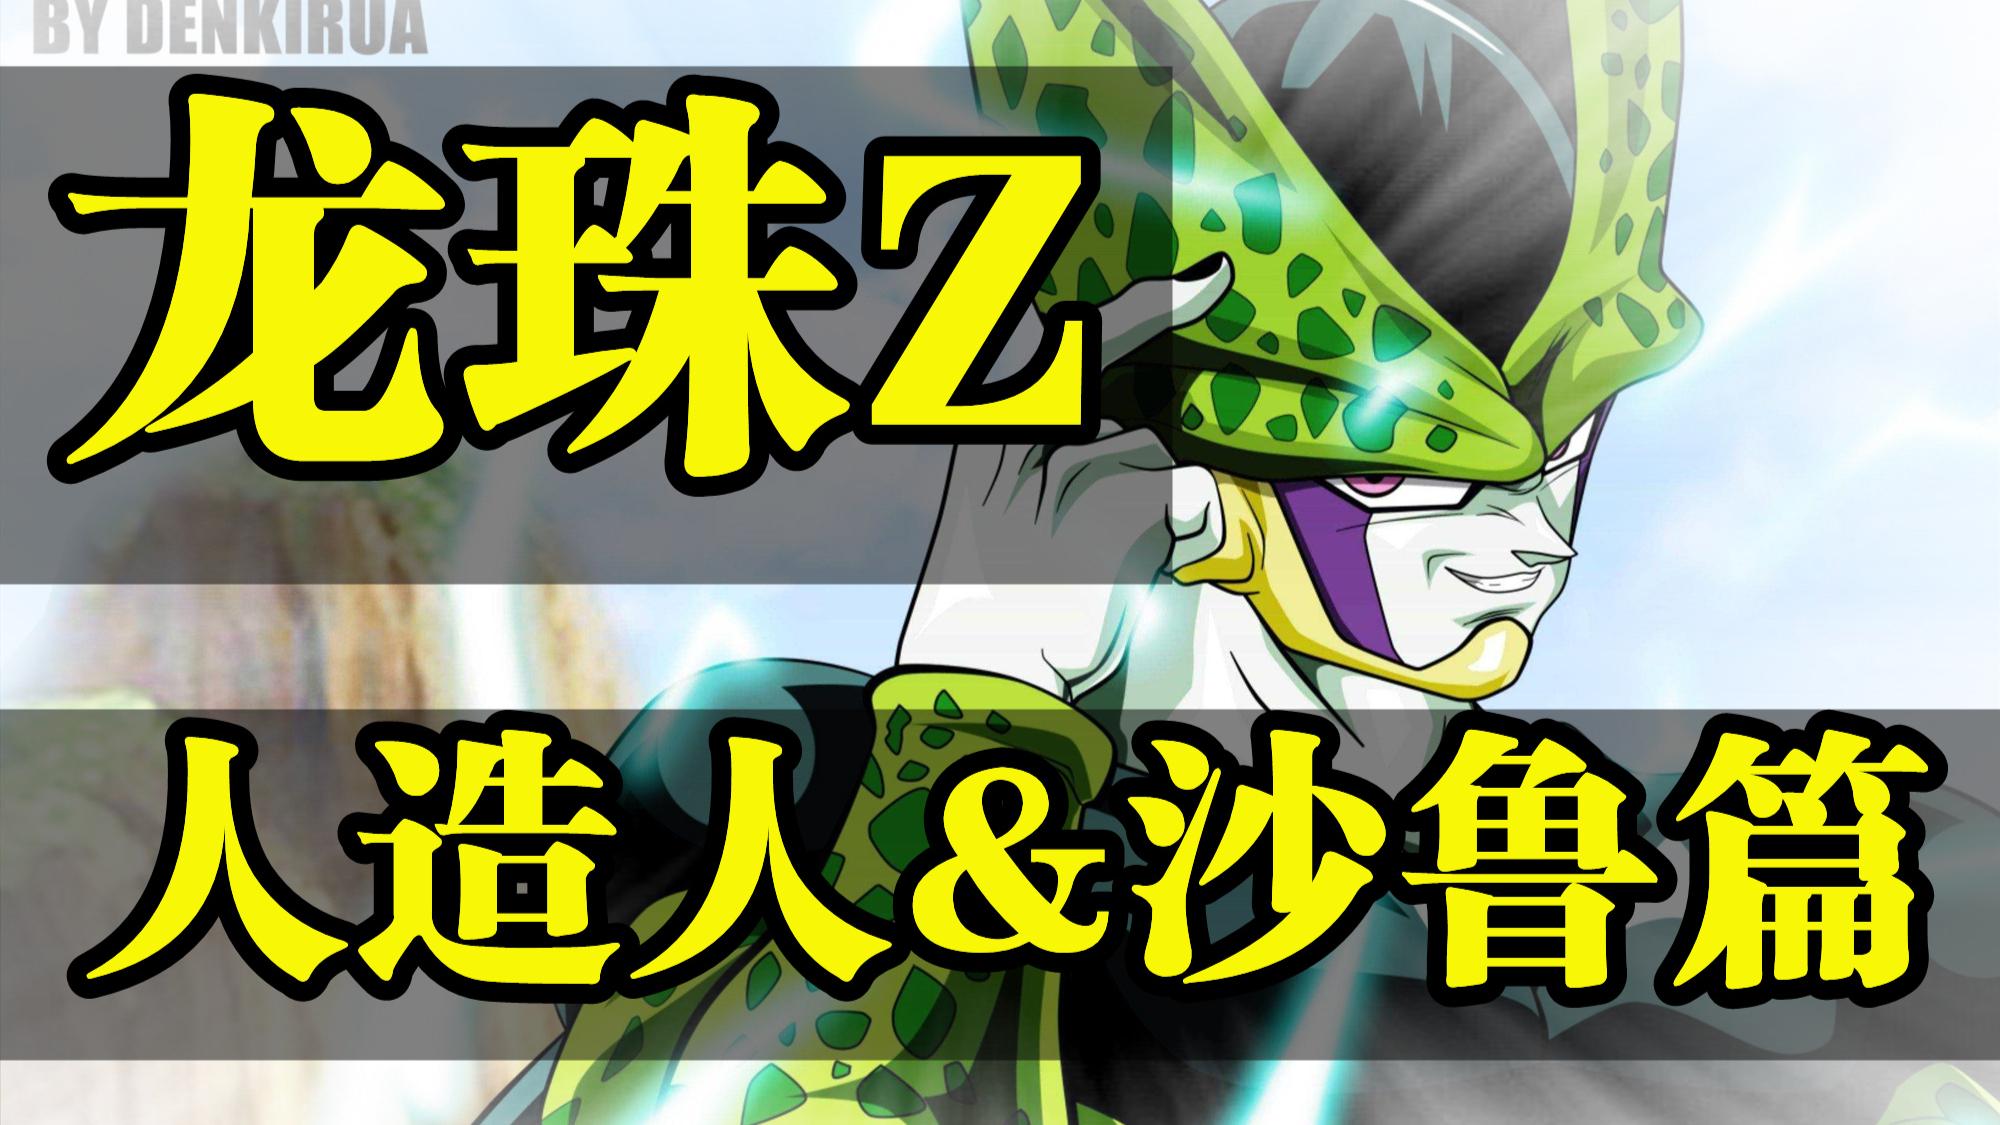 《龙珠Z》人造人&沙鲁篇,剧情解说!悟饭超赛二!